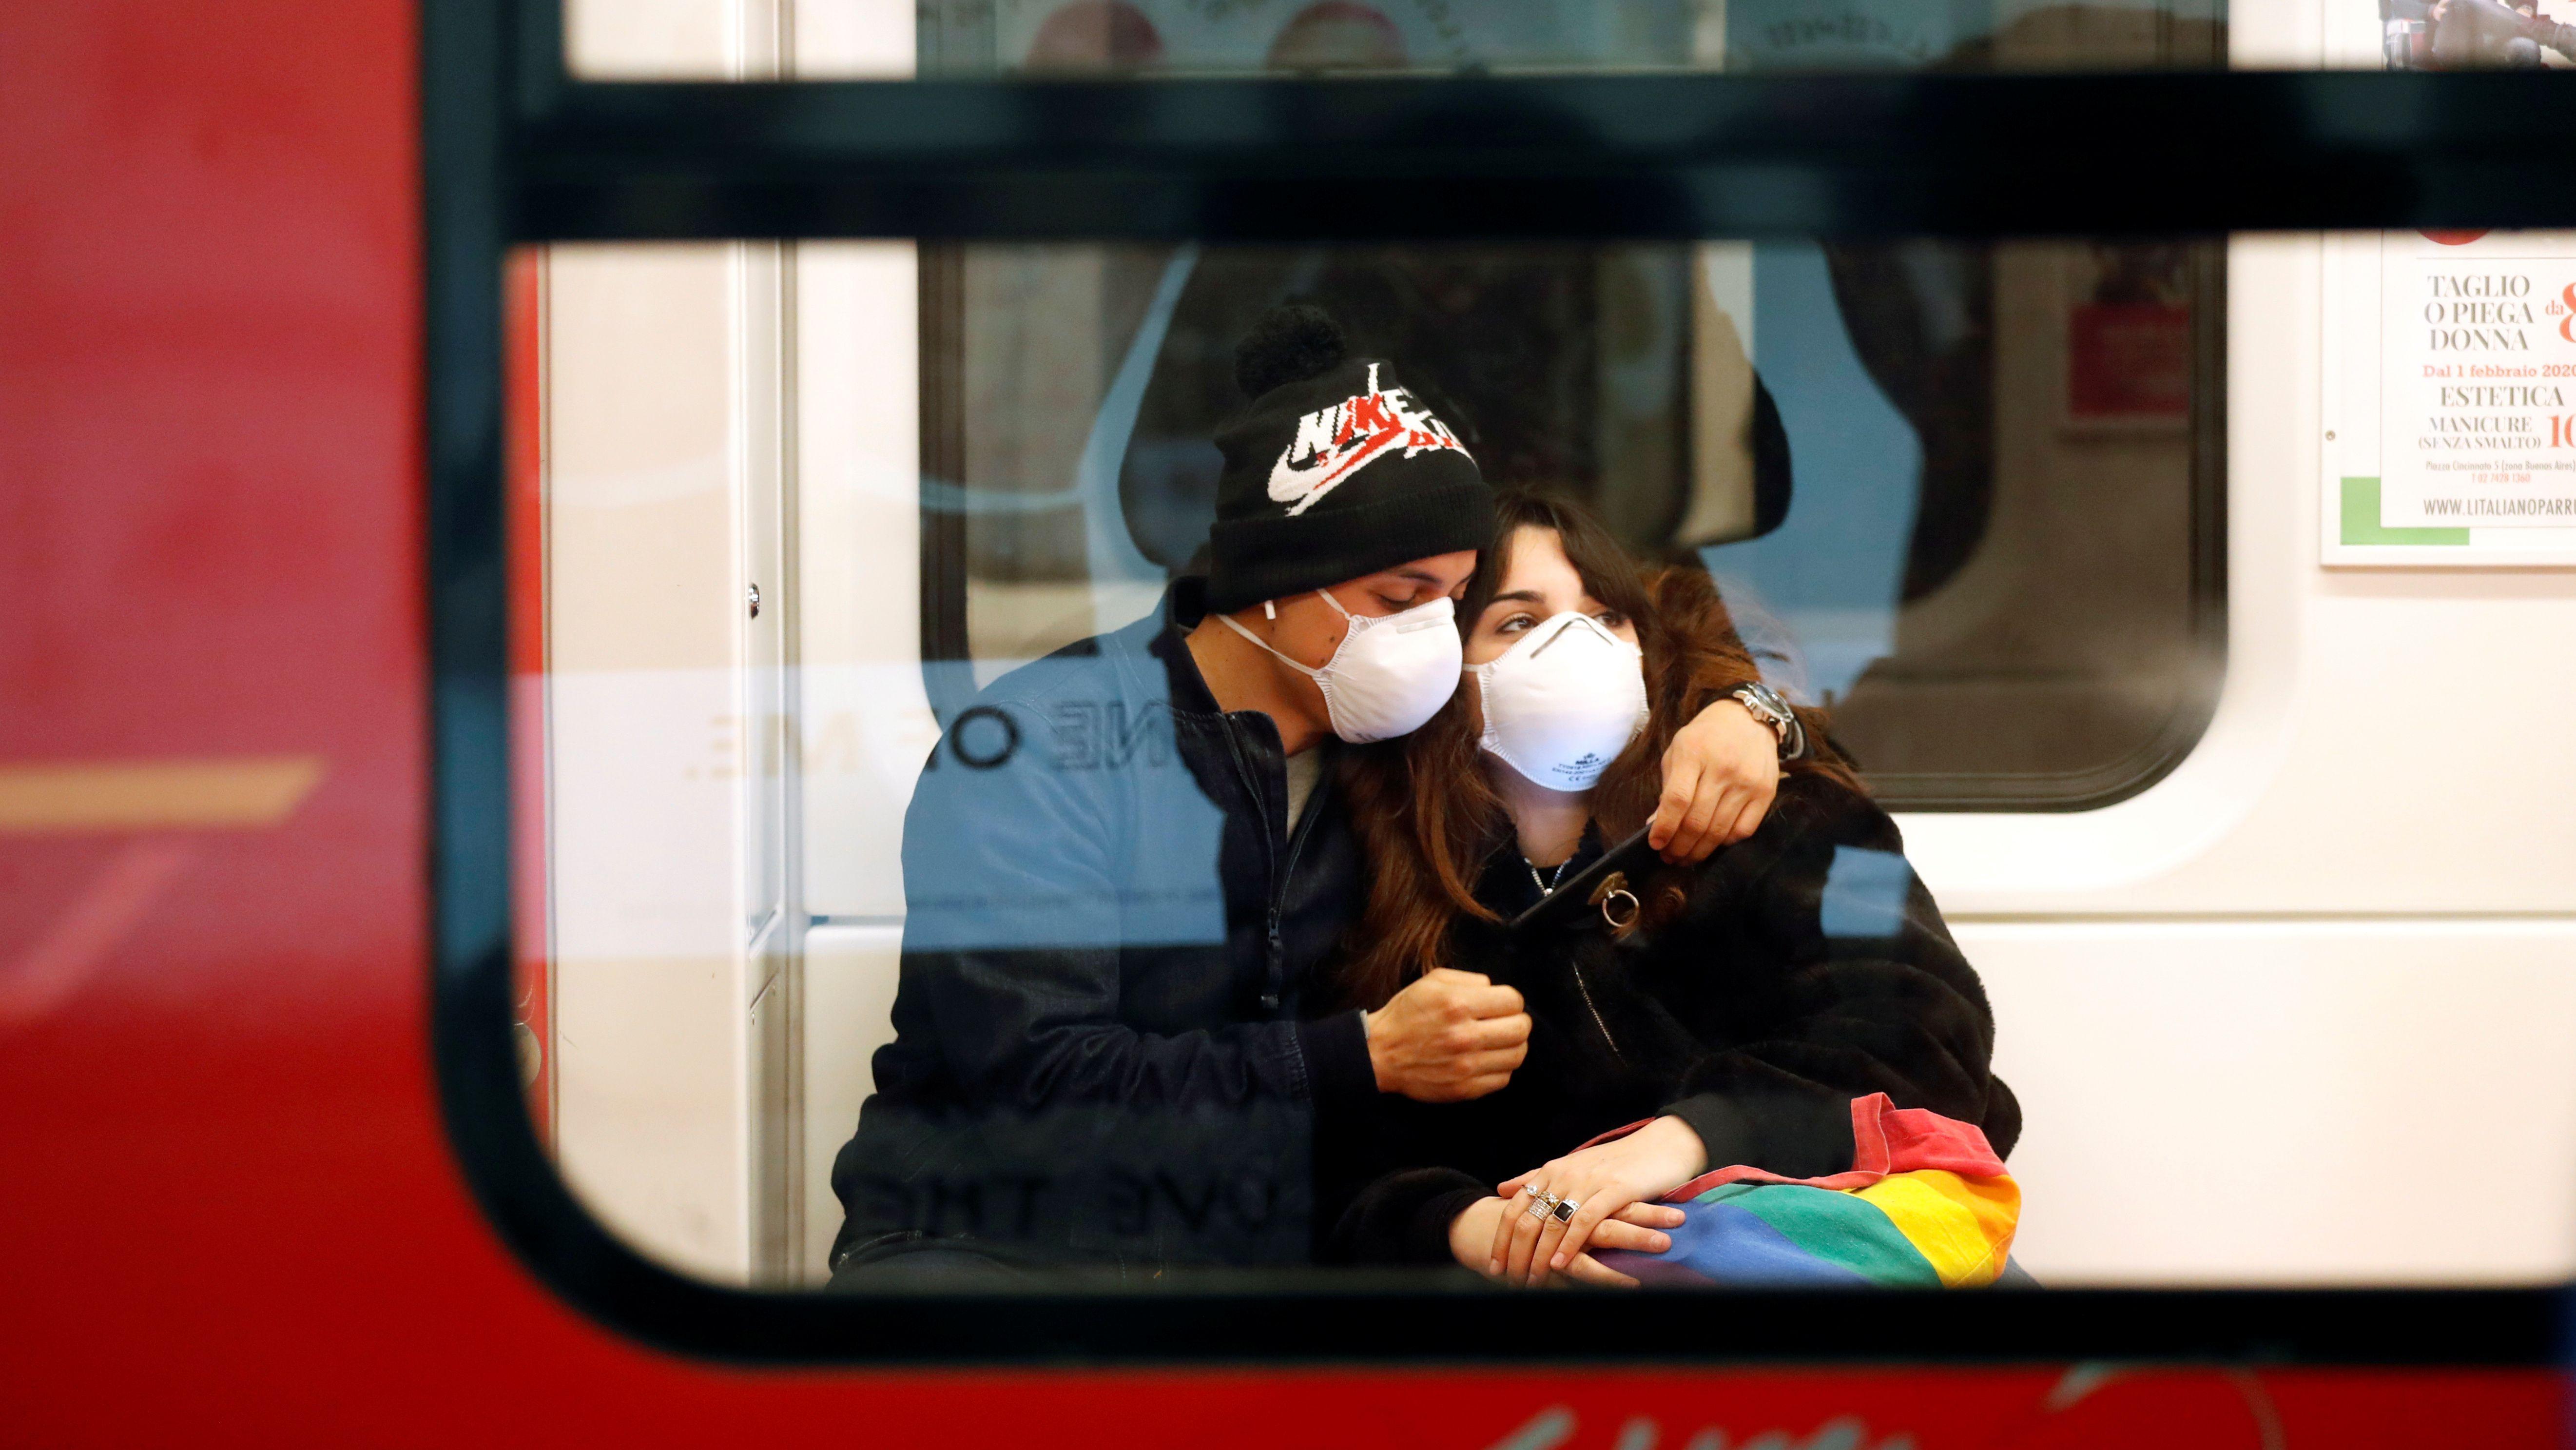 Paar in der U-Bahn in Mailand